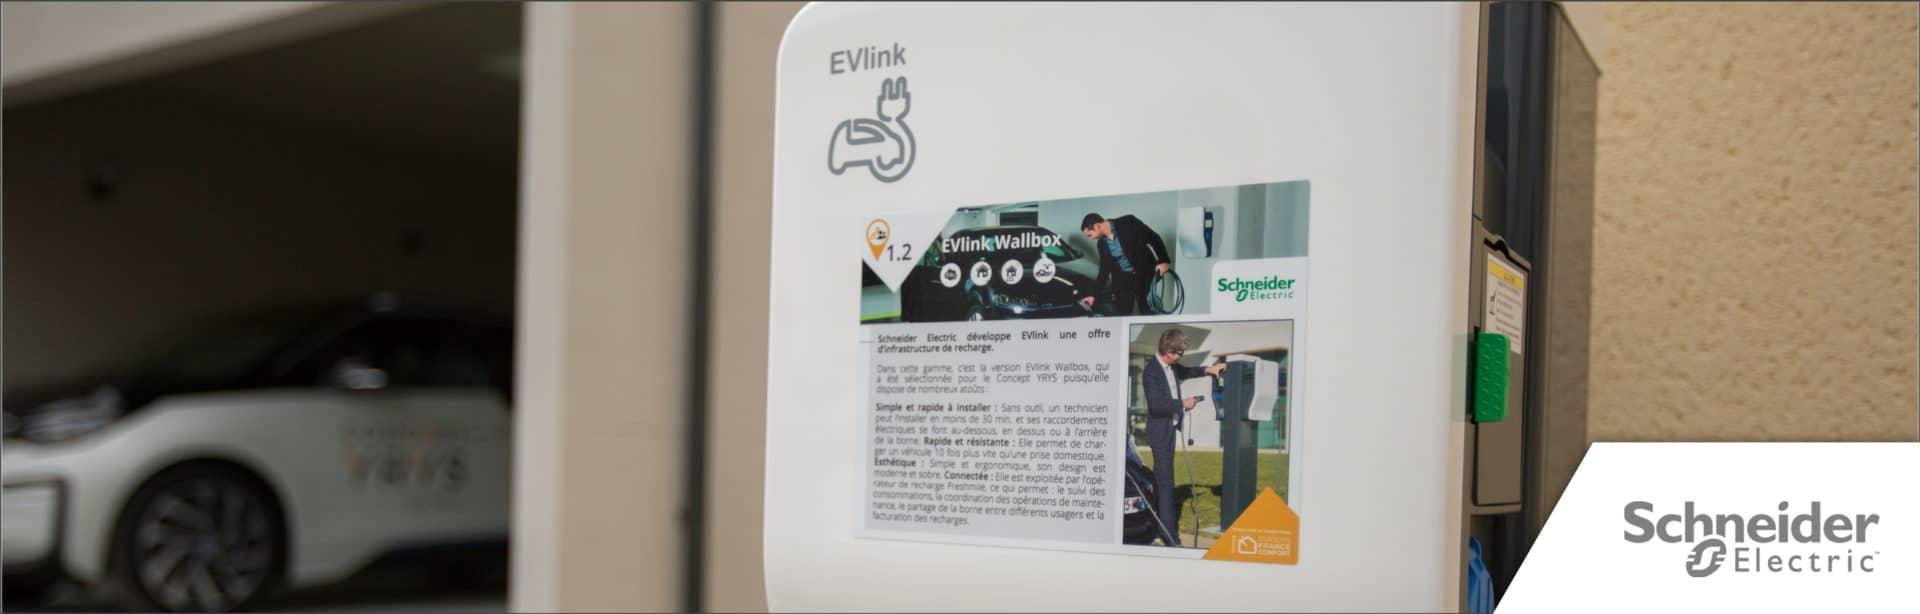 EVlink Wallbox - Schneider Electric